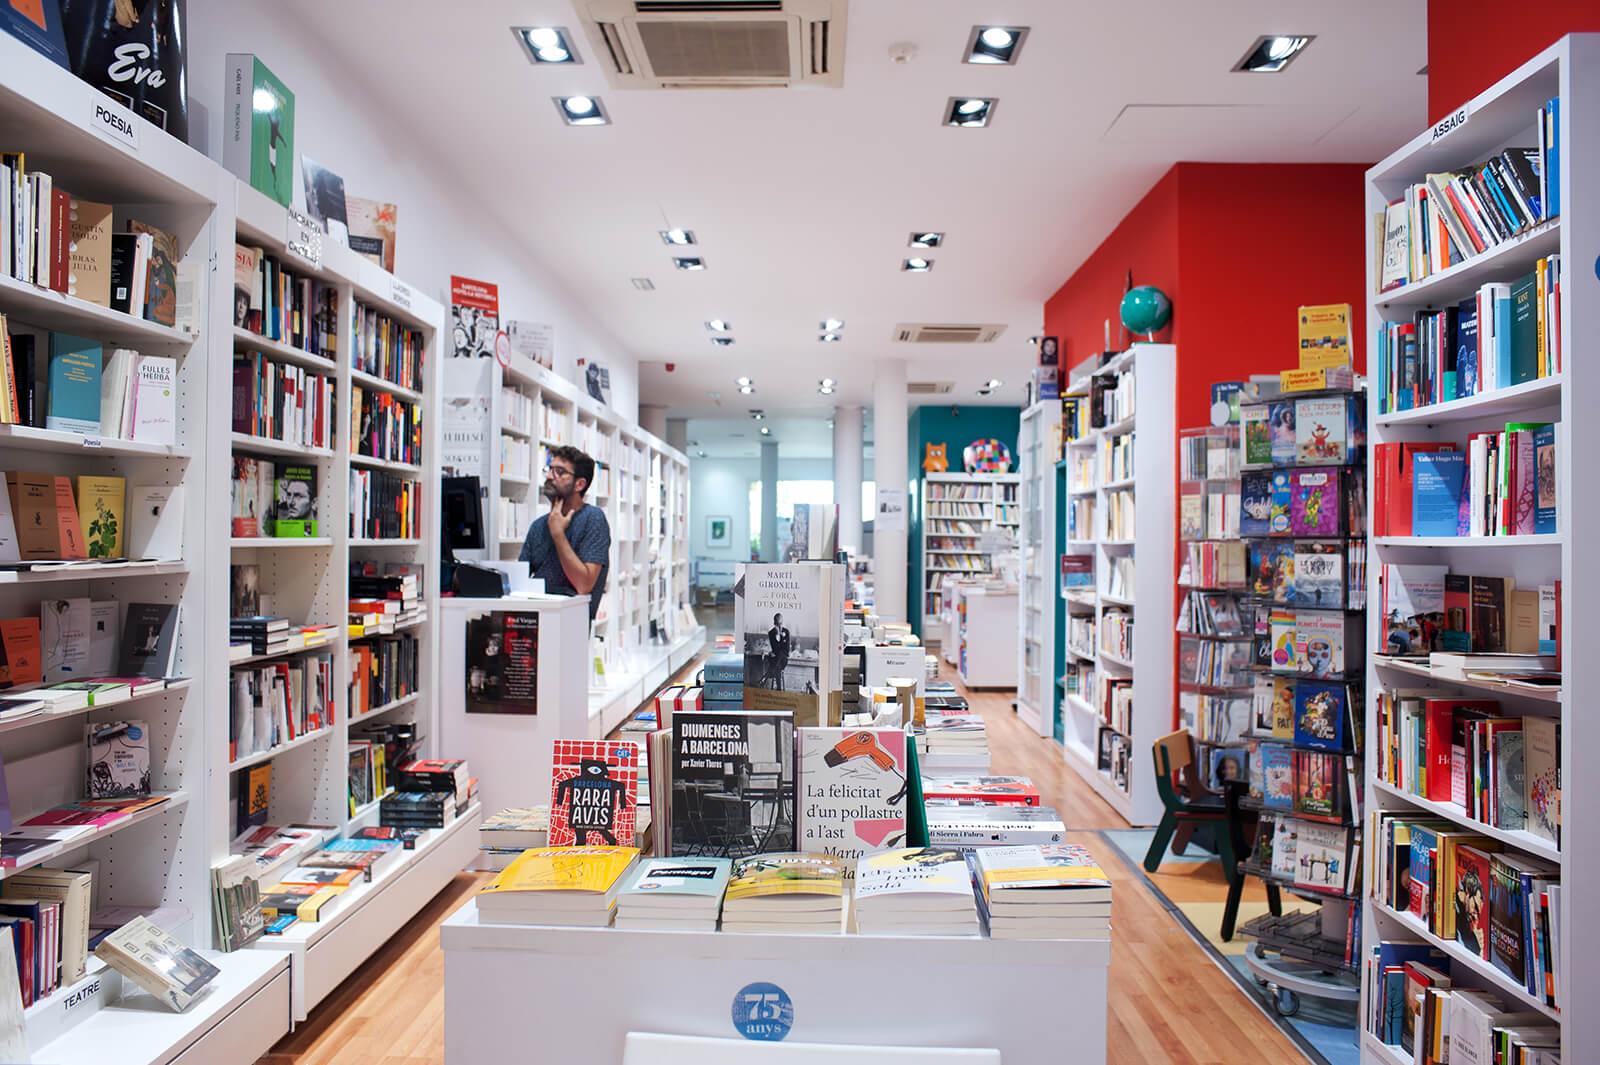 librairie Jaimes Barcelone